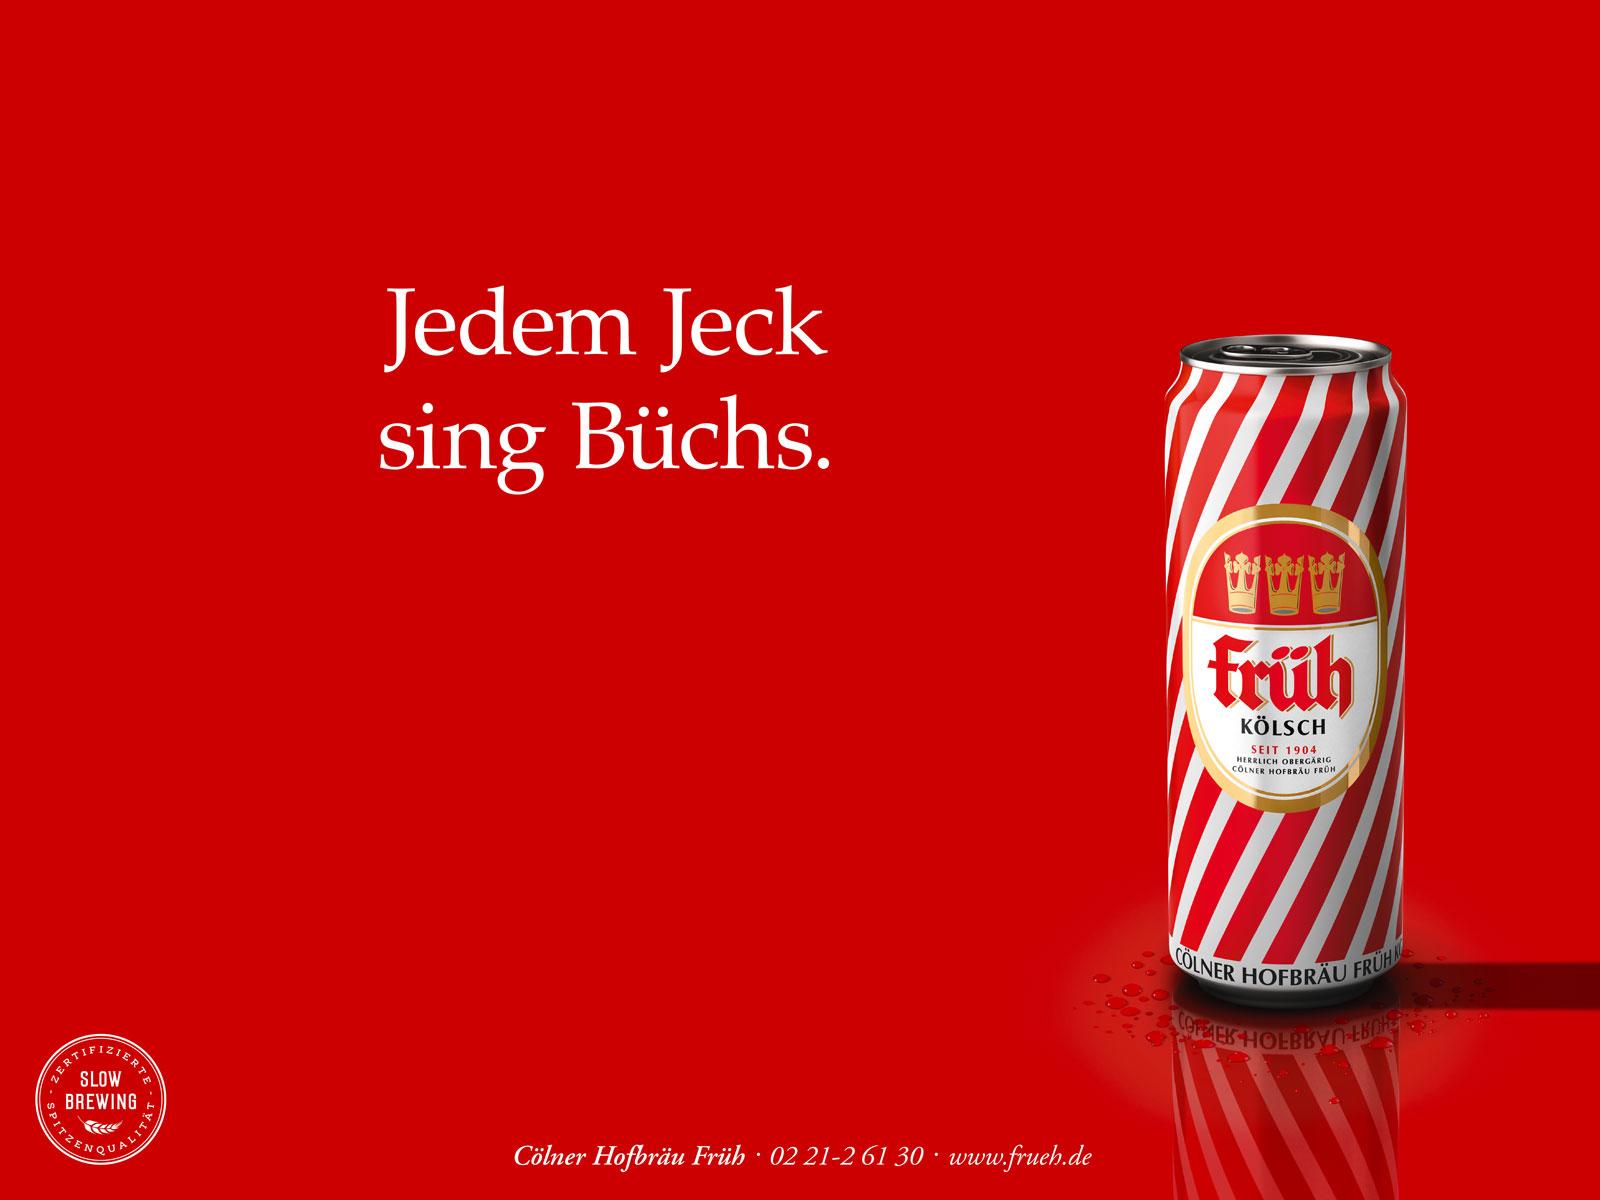 Fruh Werbung Die Legendaren Plakate Von Fruh Kolsch